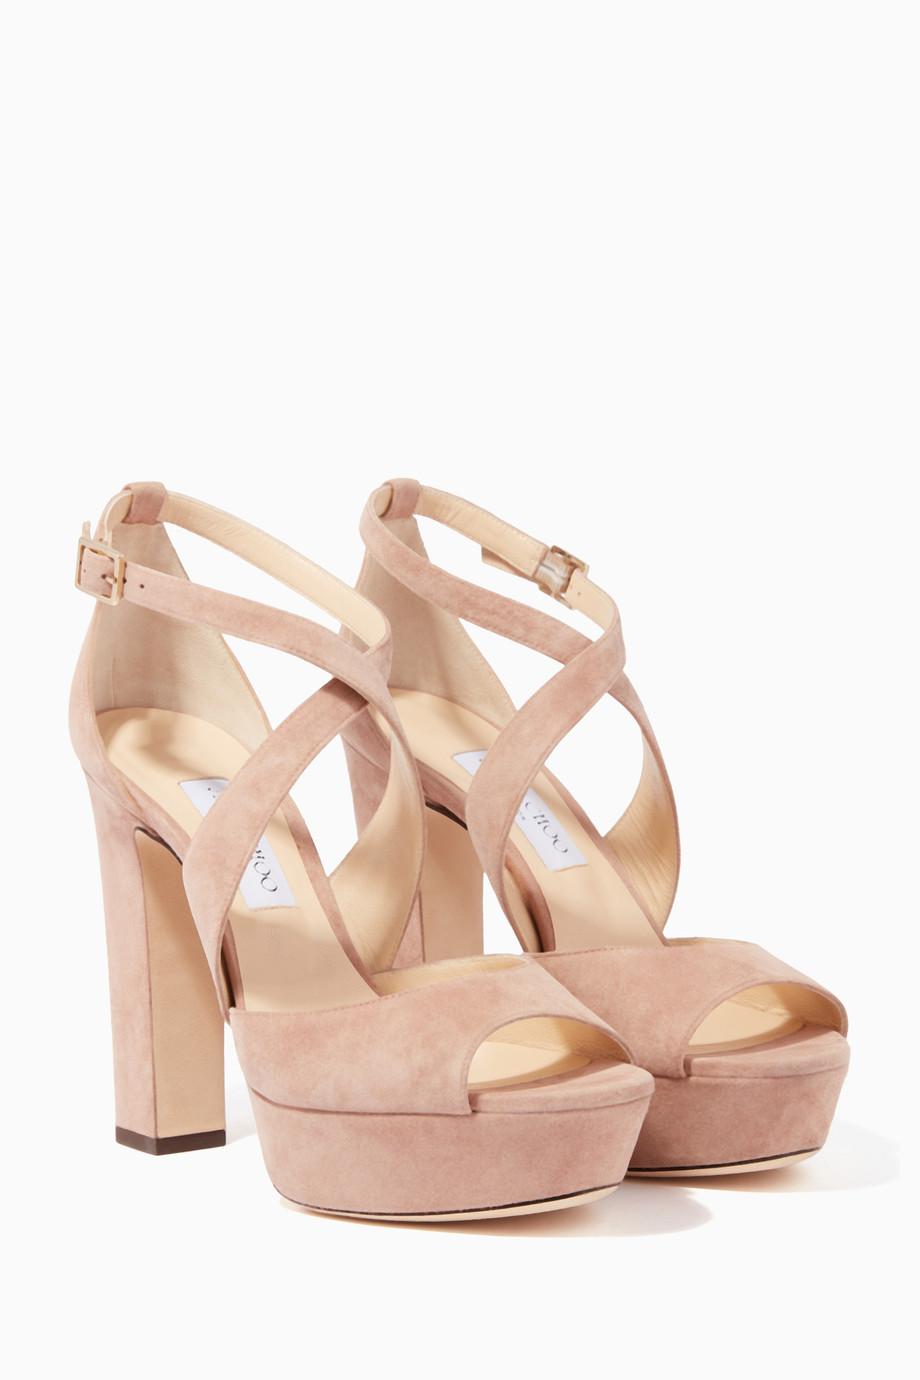 244dd388fca4 Shop Jimmy Choo Pink Ballet-Pink April 120 Sandals for Women ...